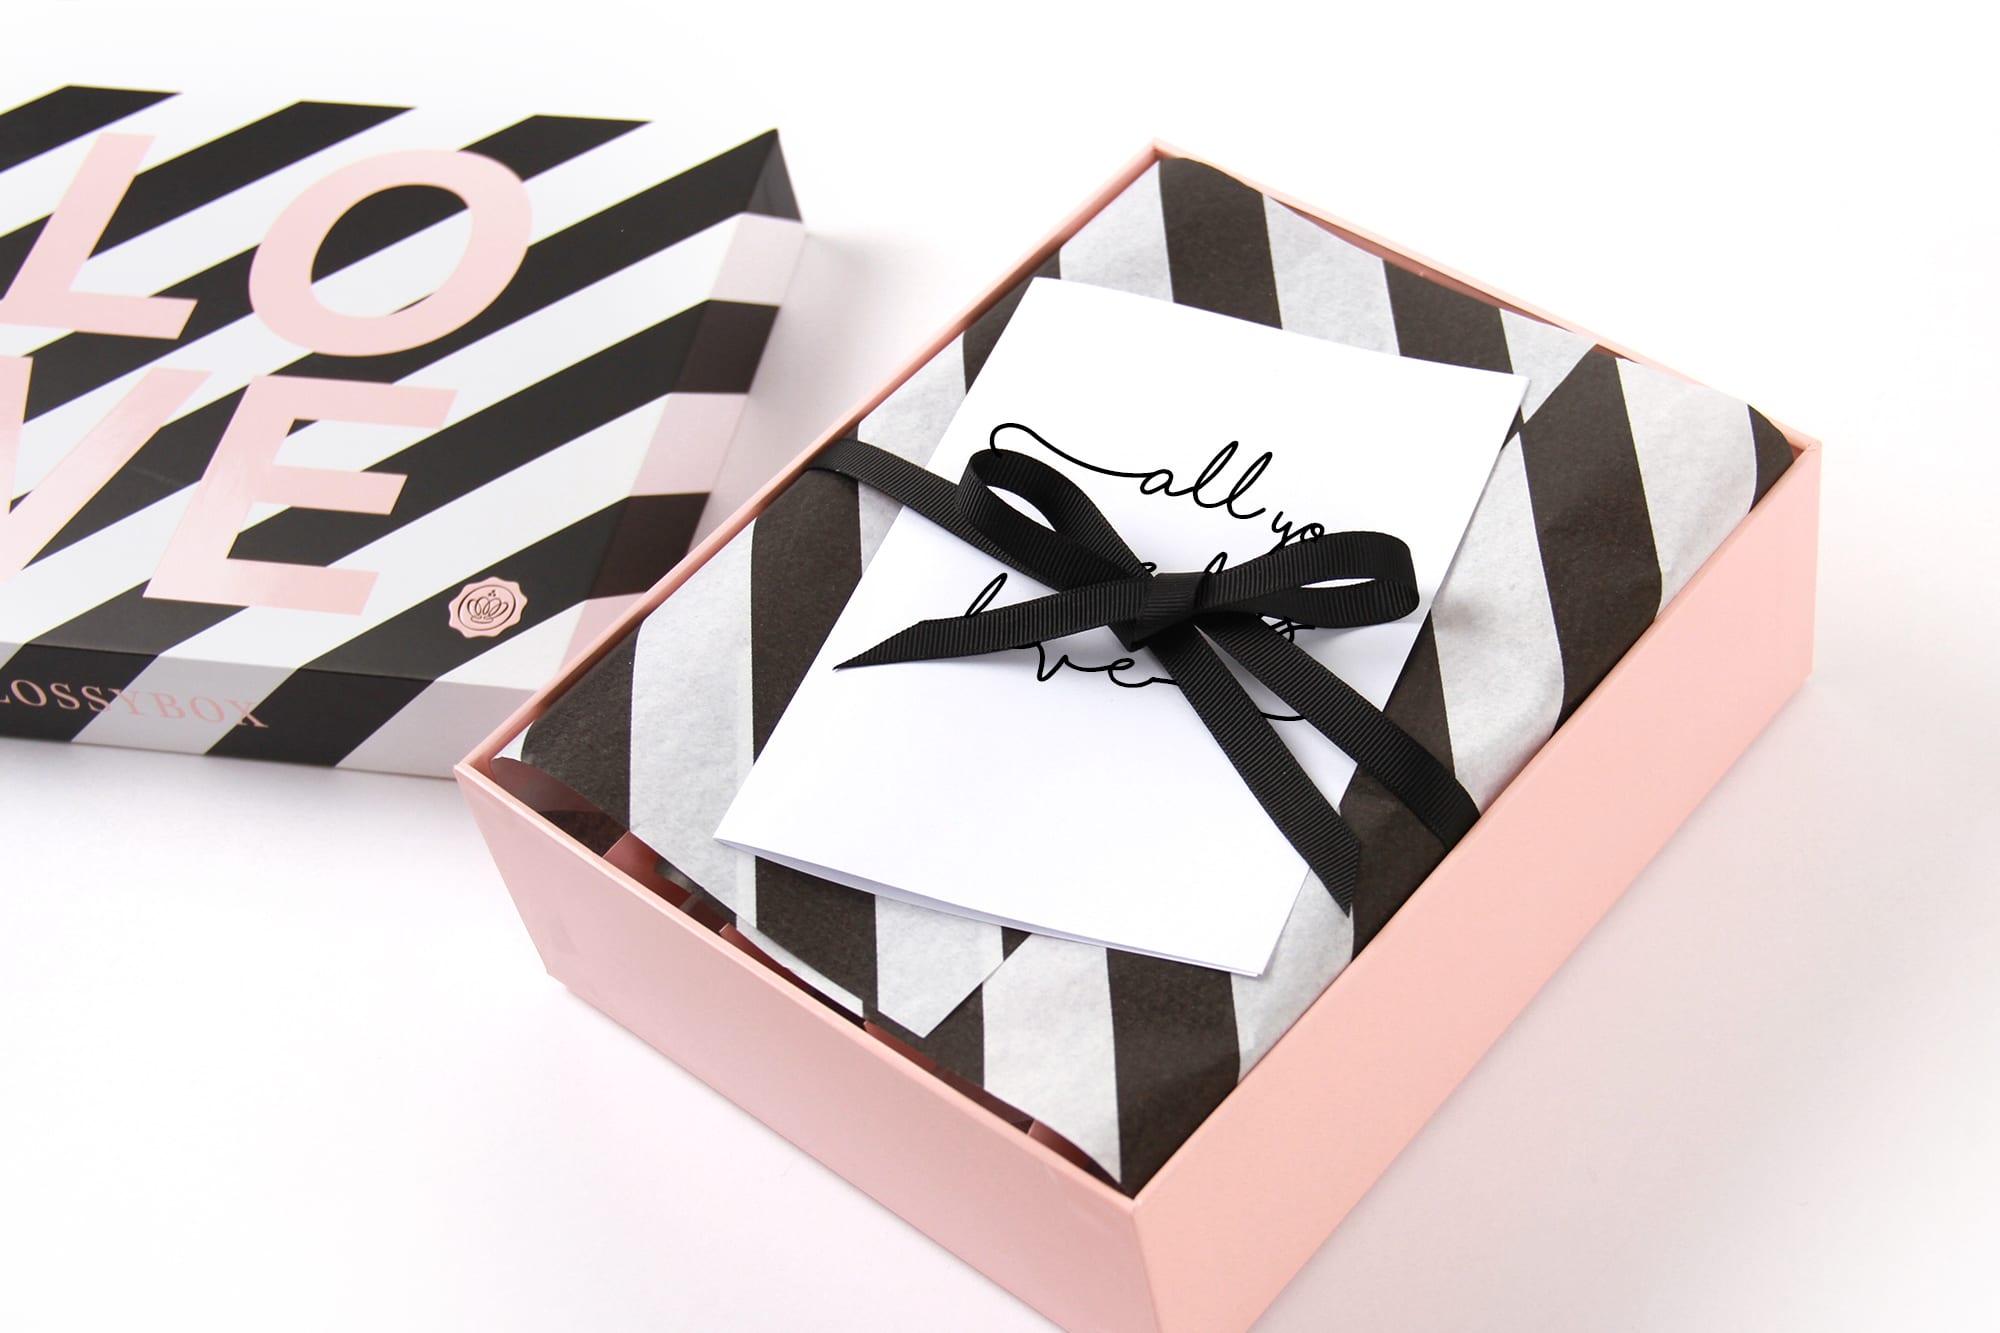 upscale-glossybox-chocolate-box-7